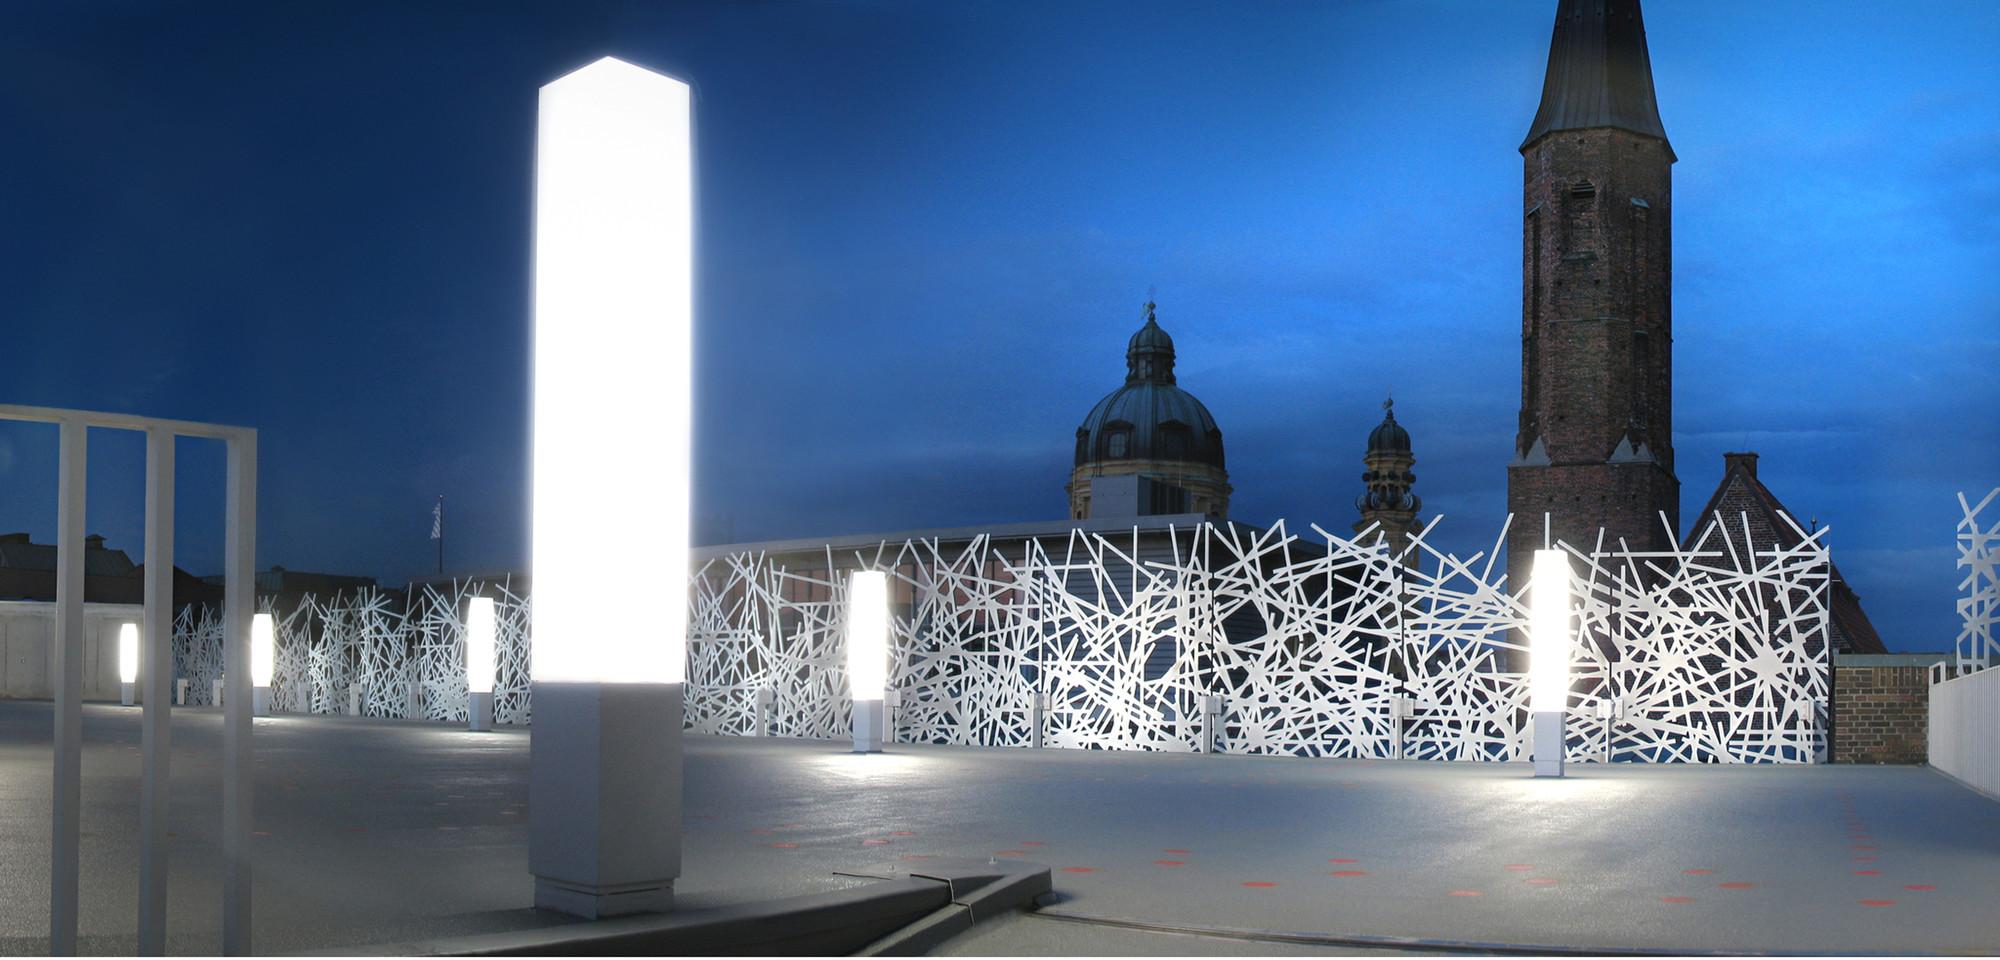 Salvartor Car Park / Peter Haimerel Architektur